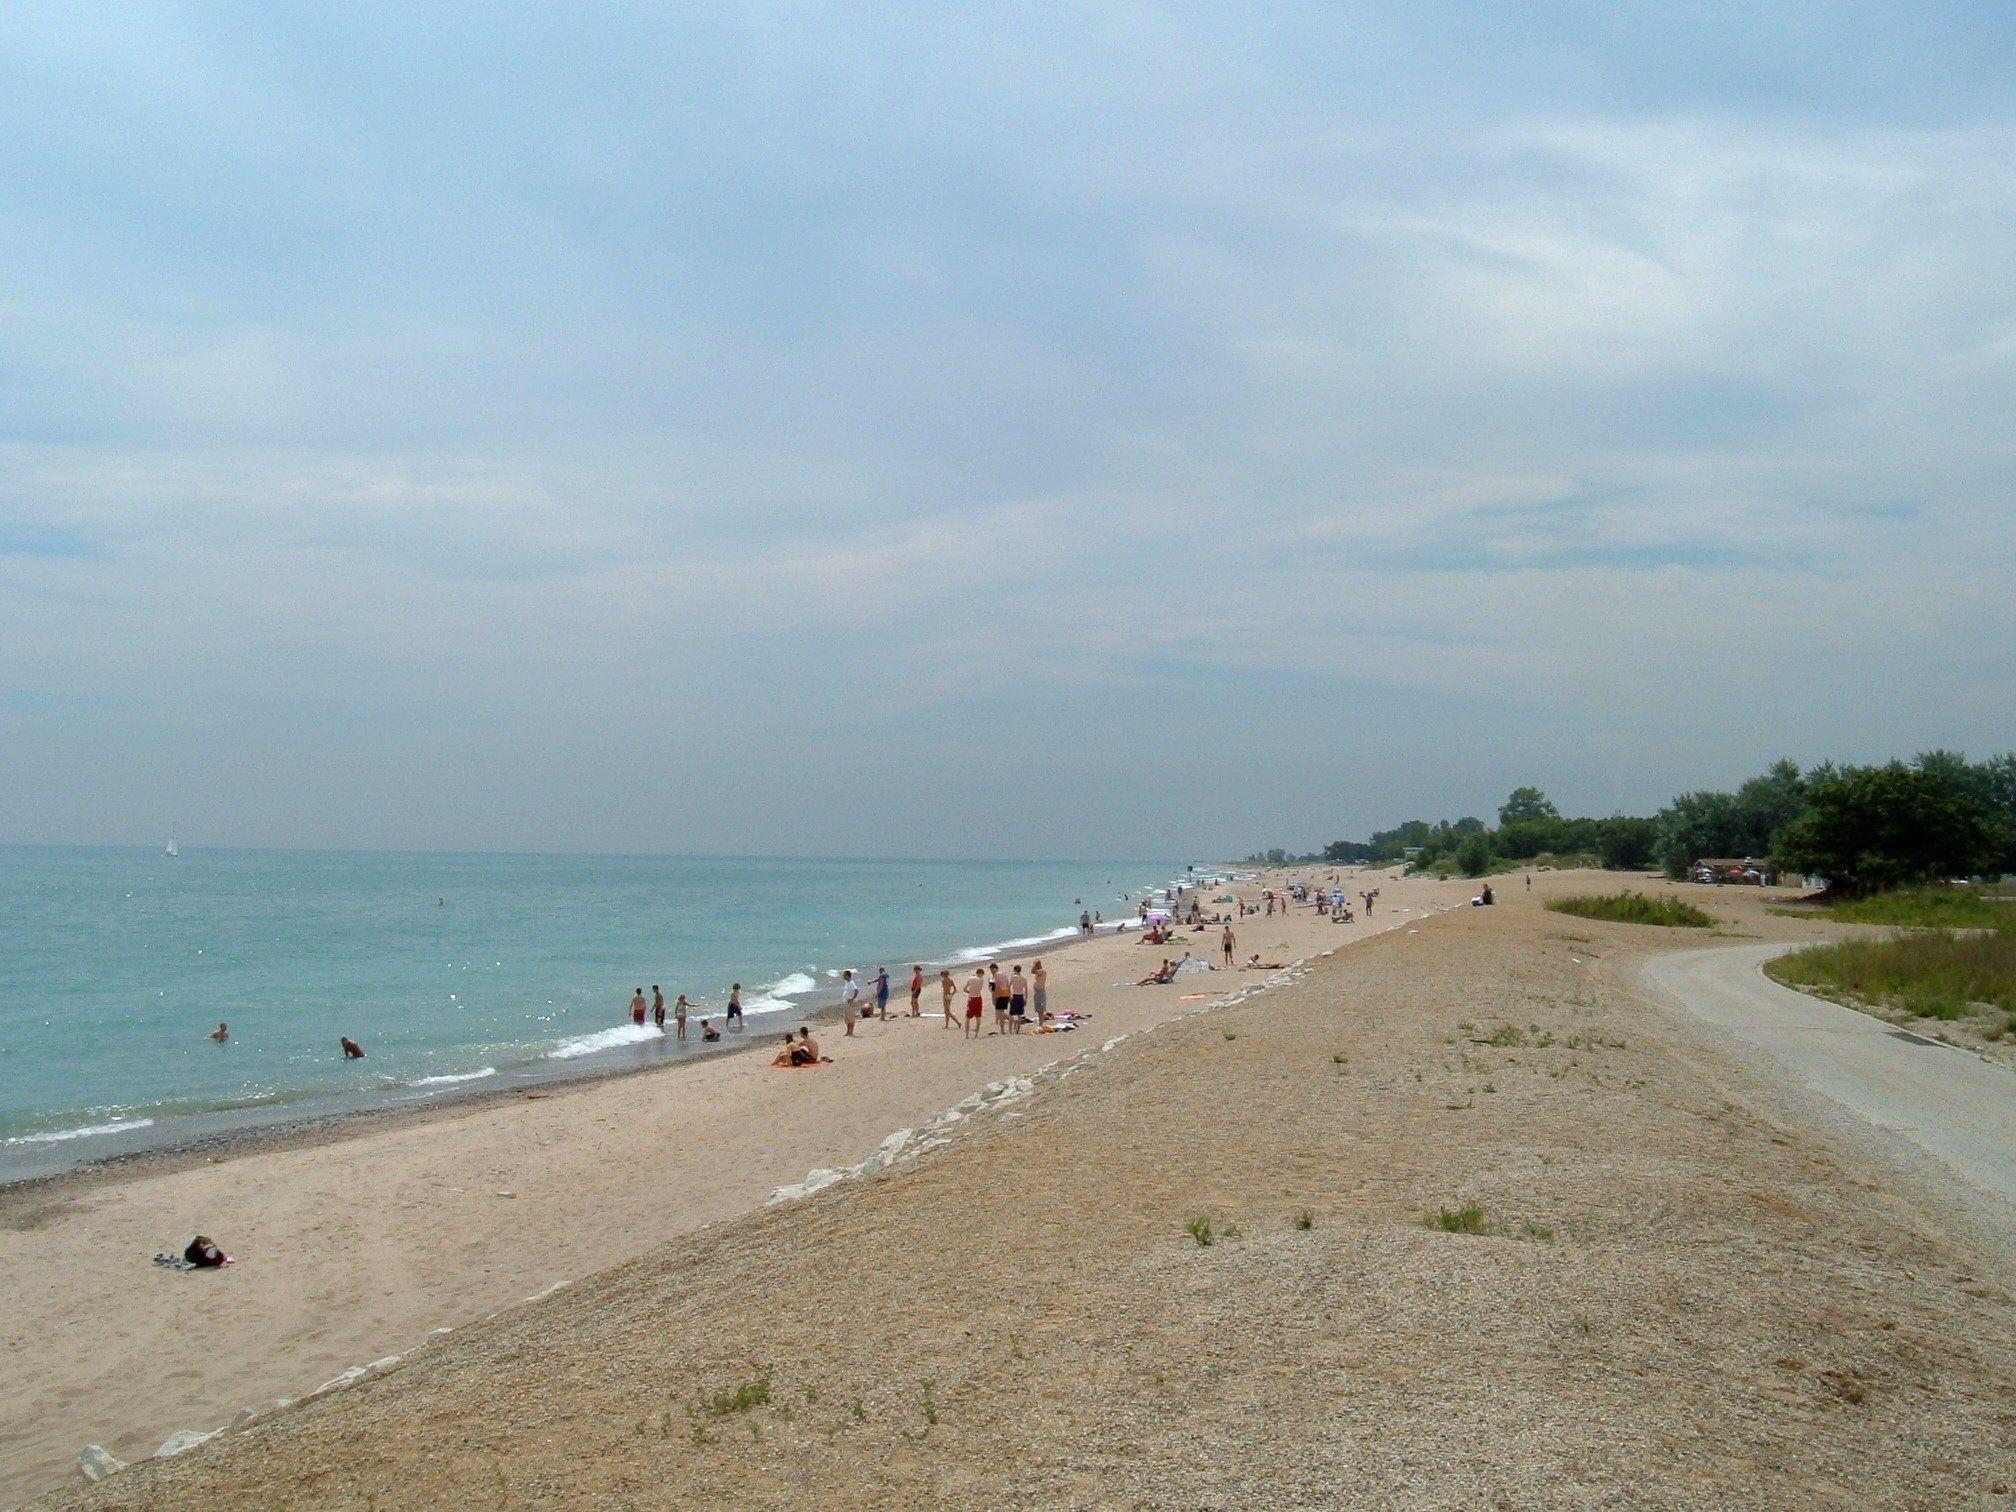 Illinois Beach State Park Zion Il